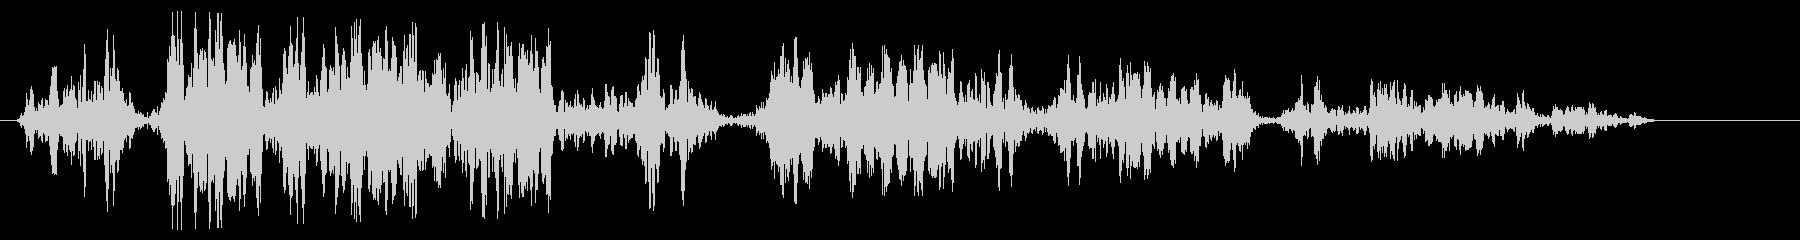 ピュルピュル(何かが巻戻るような音)の未再生の波形